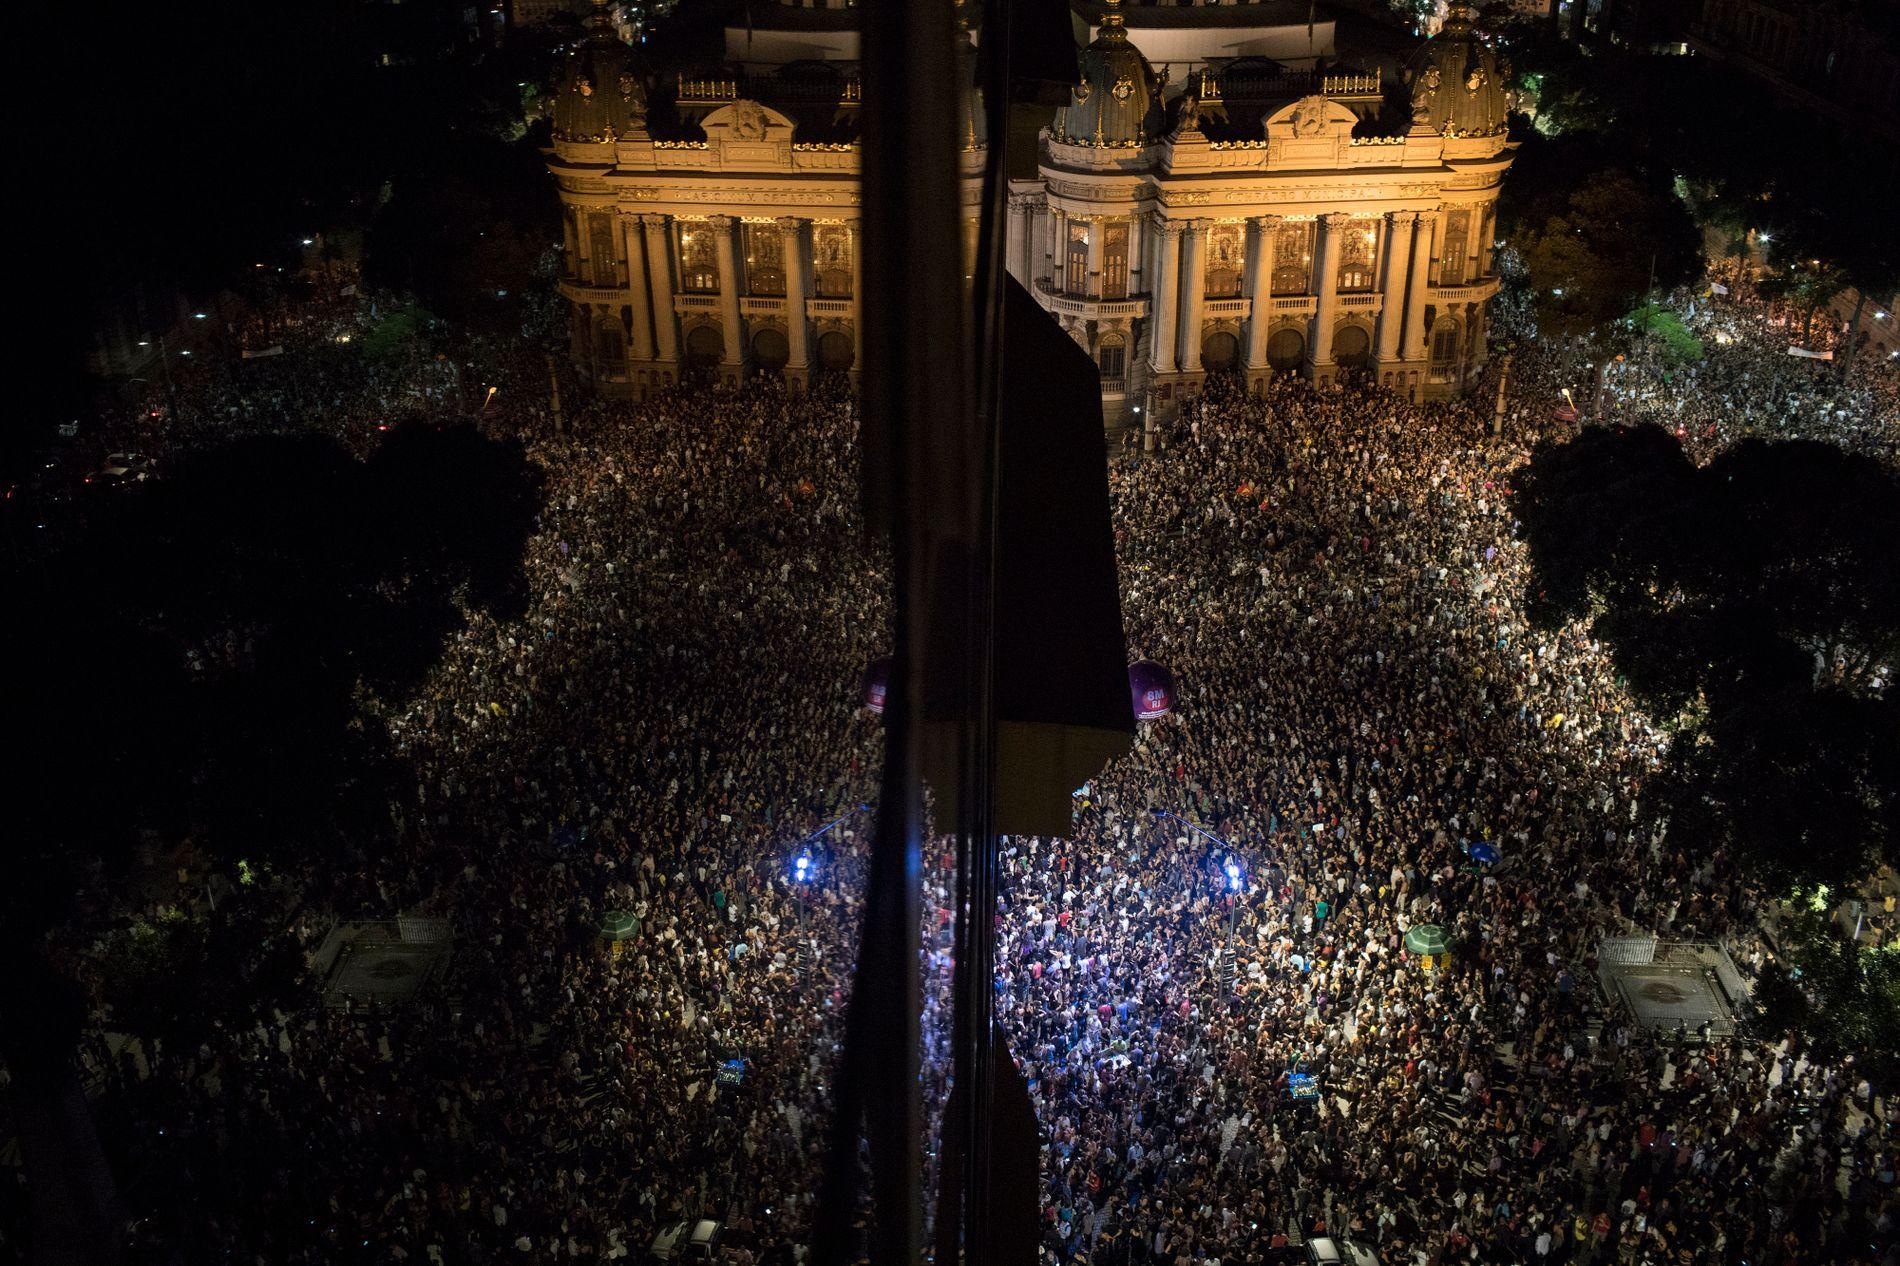 GIKK TIL GATENE: Hundretusener av mennesker protesterte dagen etter drapet på Marielle Franco i Rio de Janeiro 15. mars 2018.